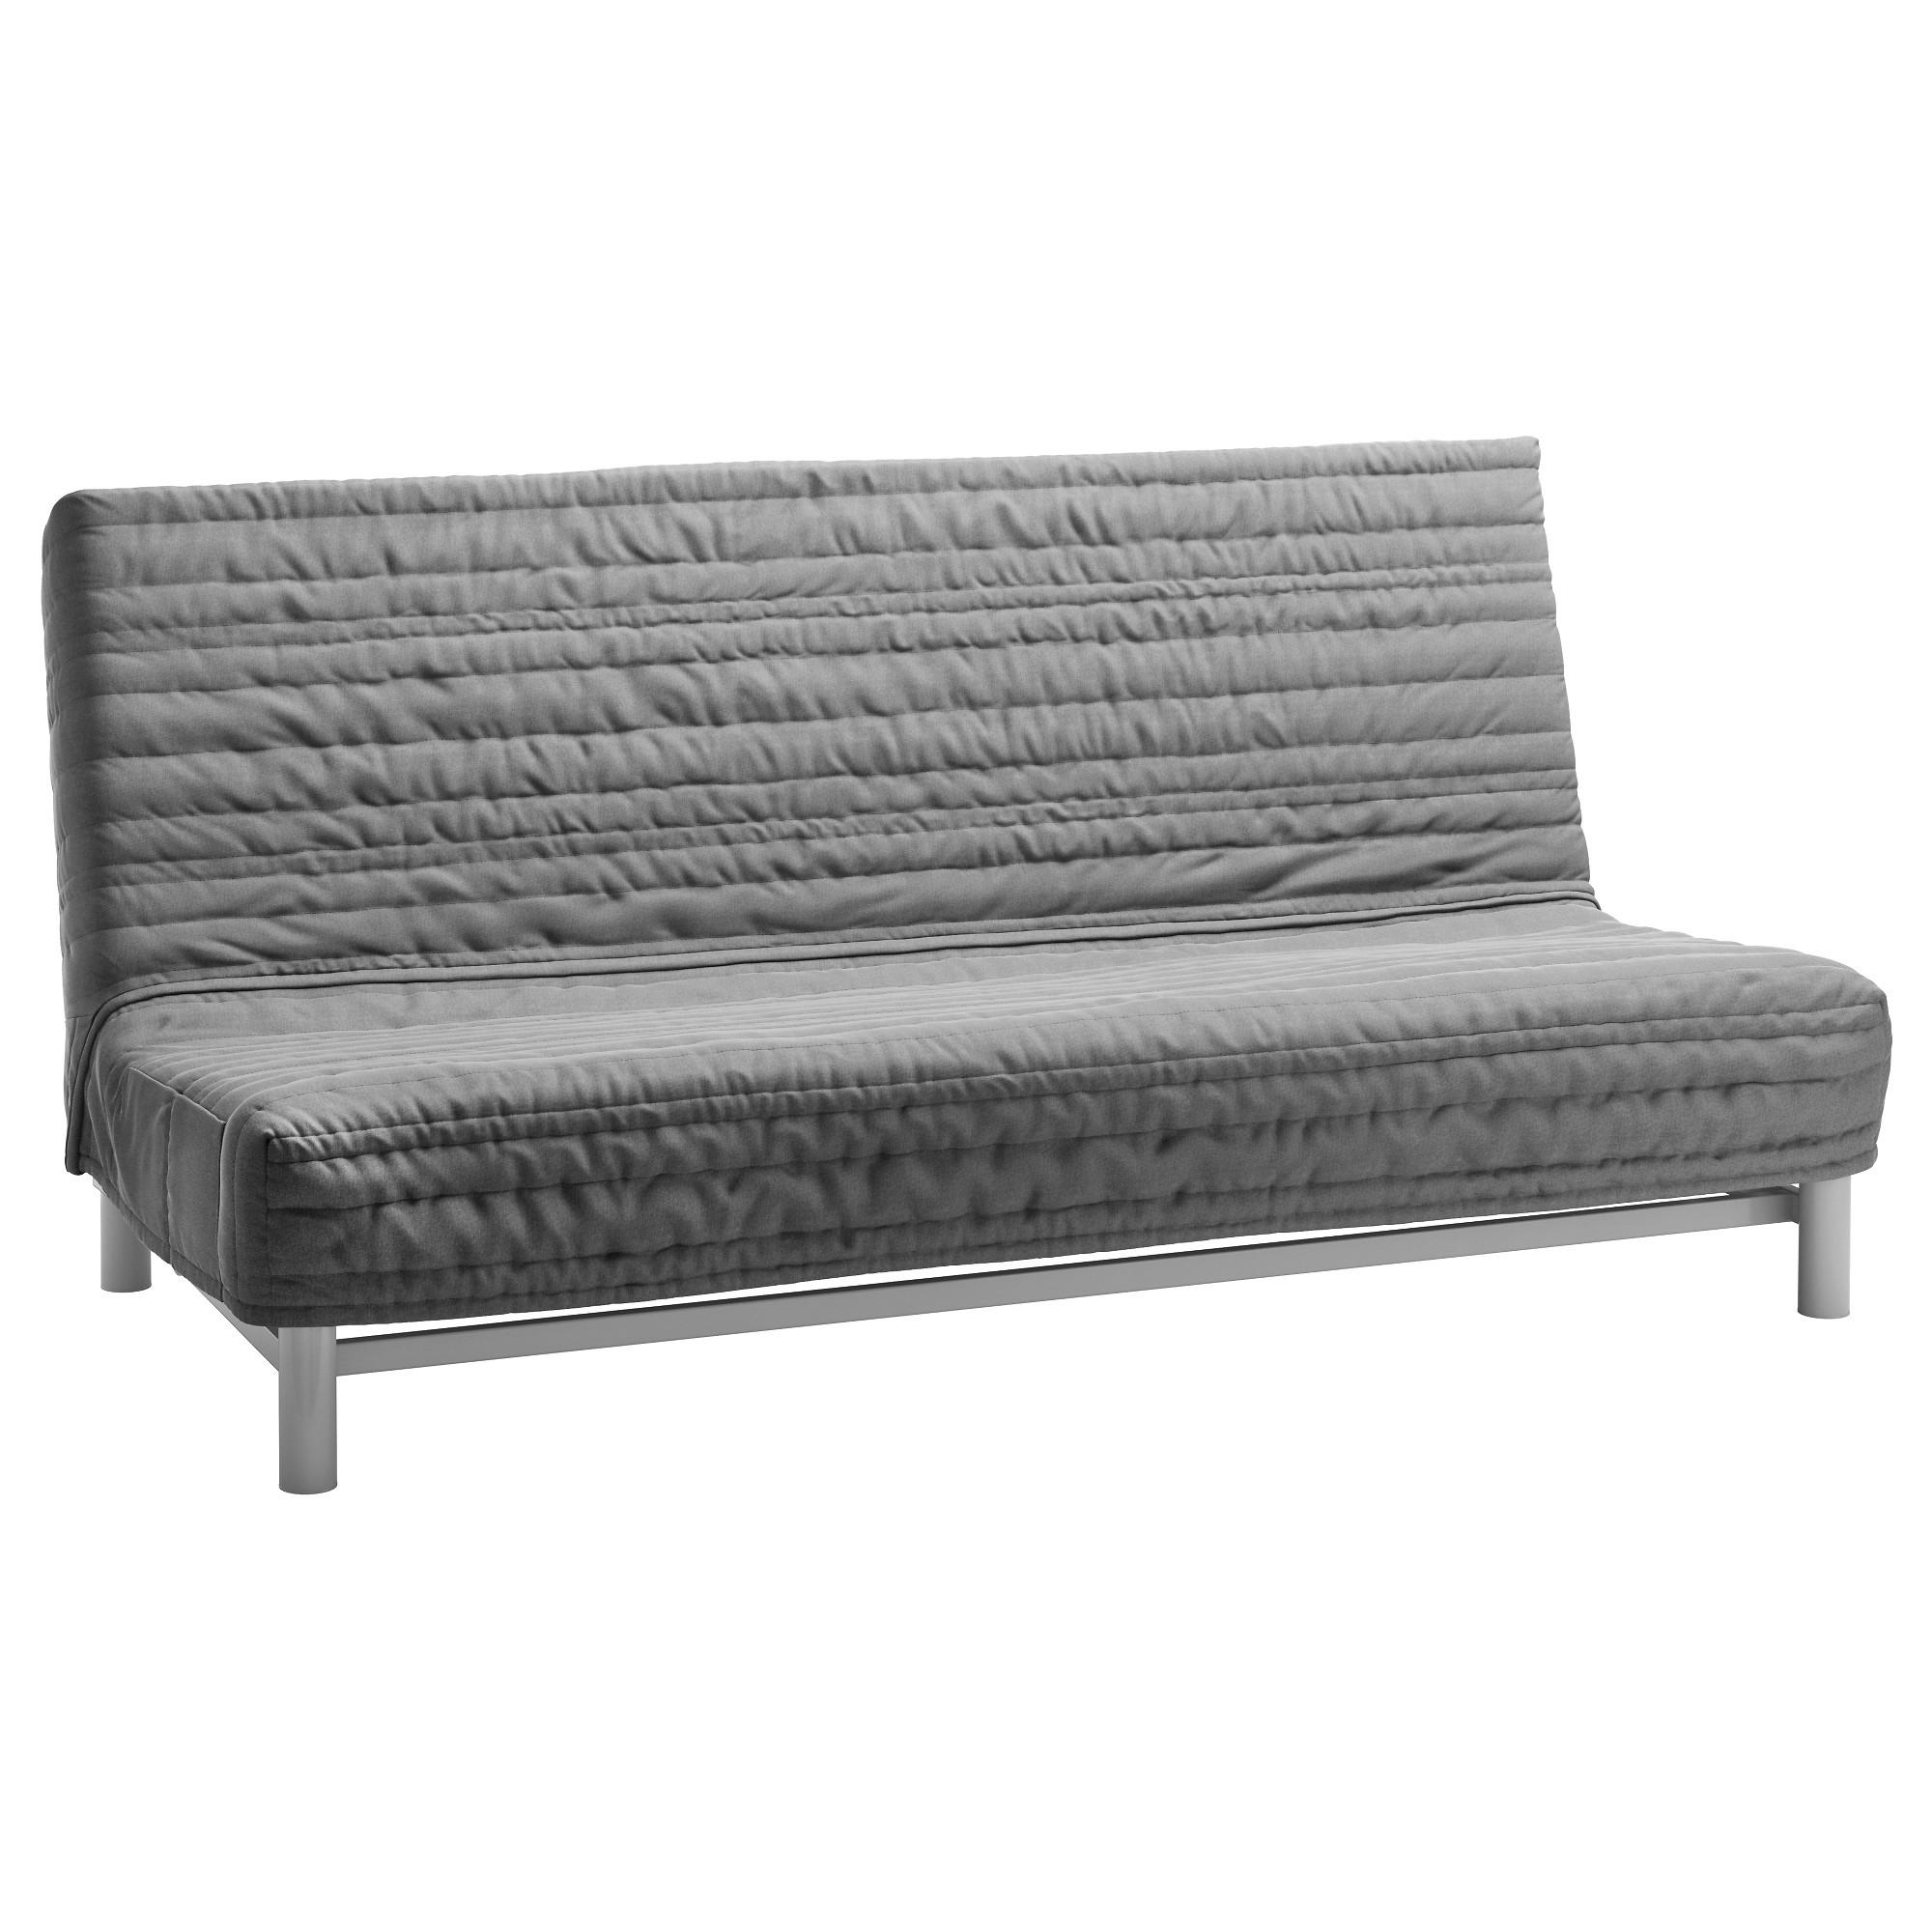 Ikea canape 130 cm canap id es de d coration de for Canape 130 cm largeur